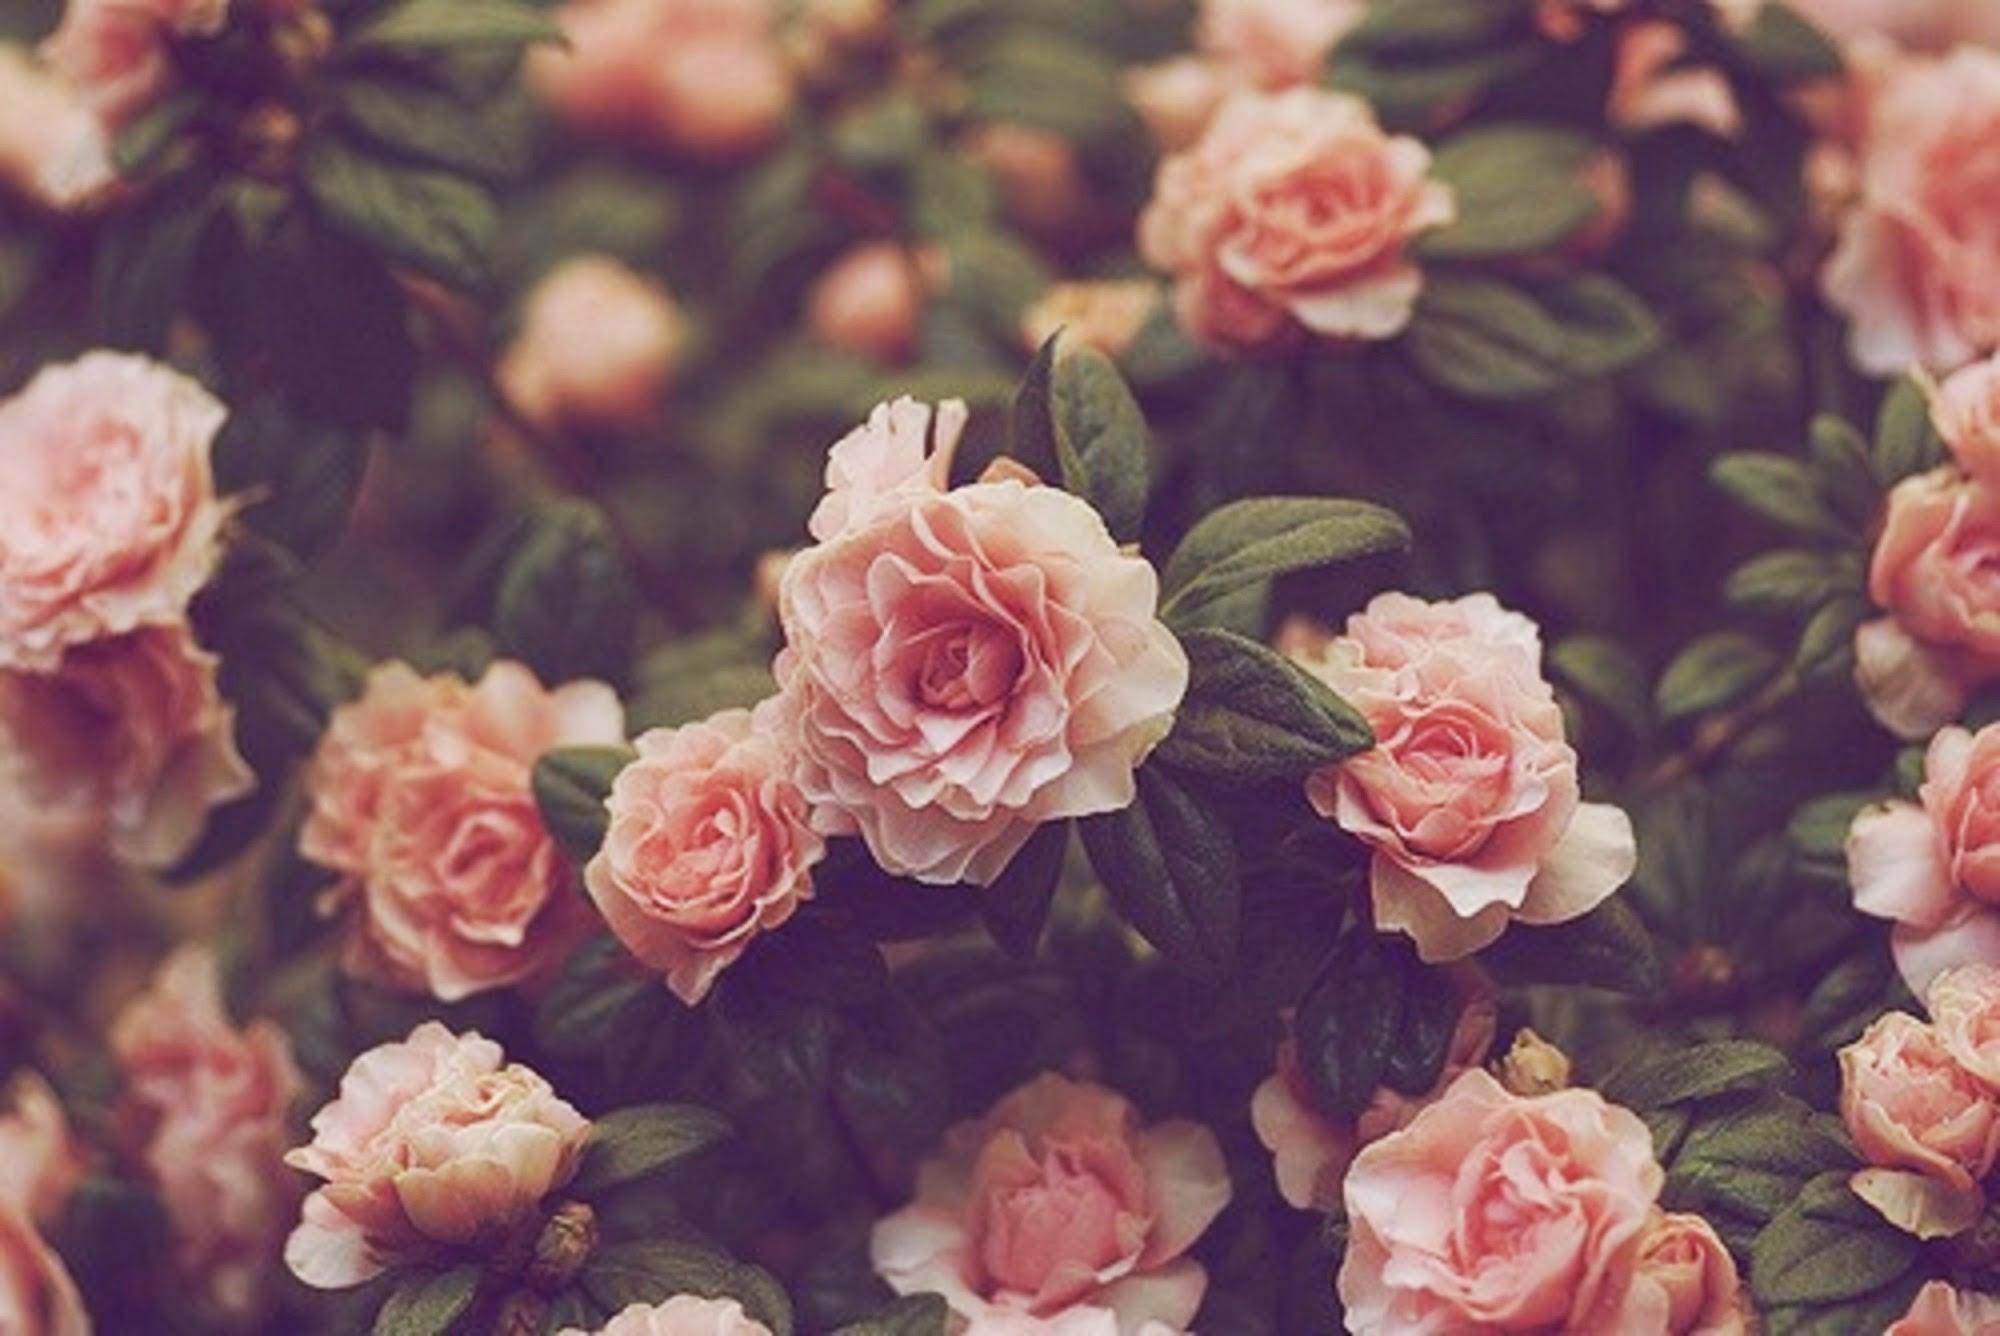 Flower Flower Aesthetic Vintage Desktop Wallpaper